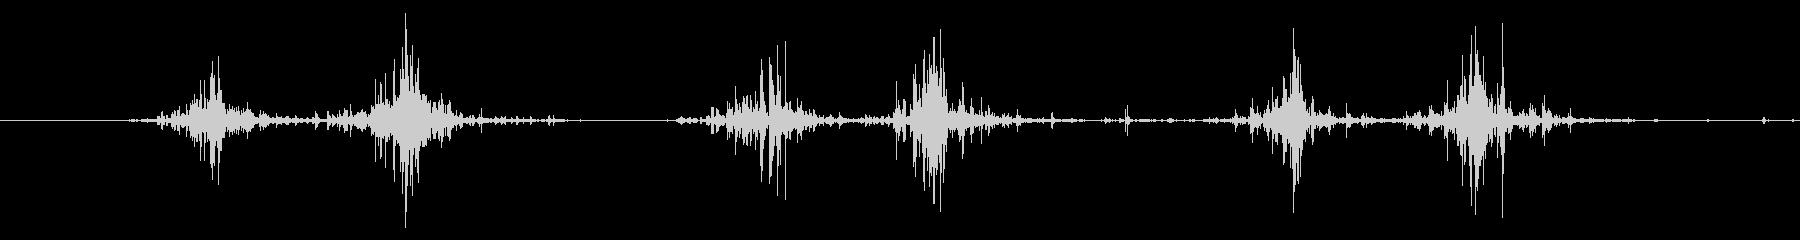 タブレッド菓子を出す音4 ステレオの未再生の波形